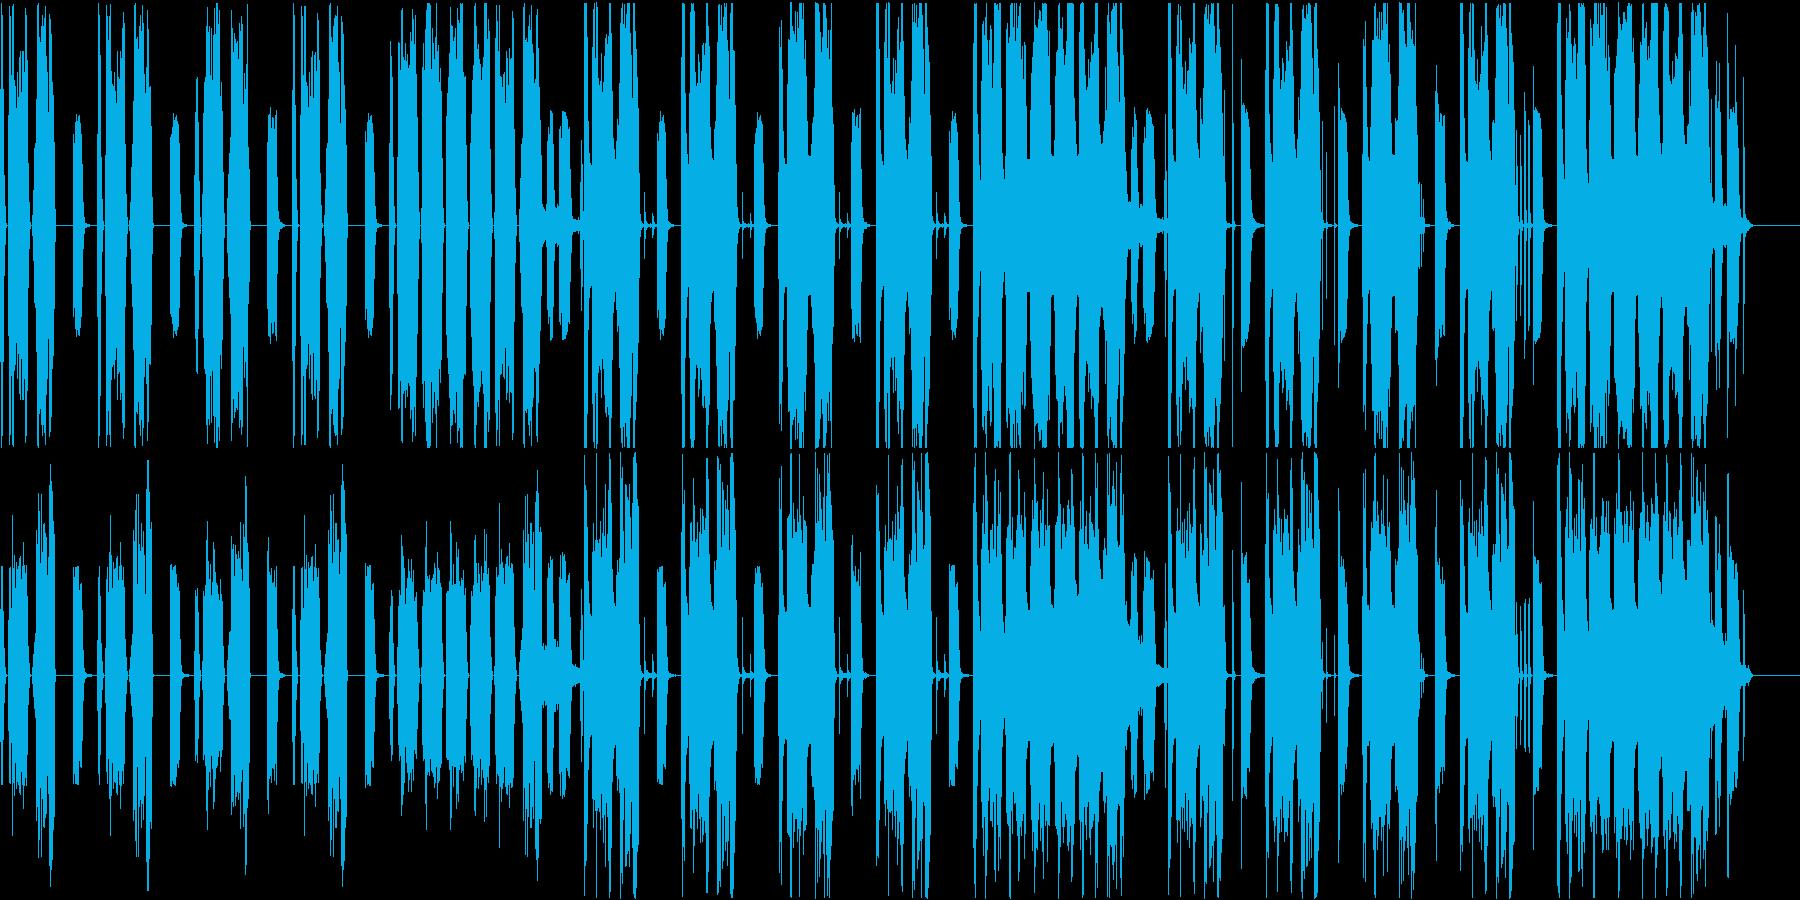 ポンコツで間抜けなコメディ向きBGMの再生済みの波形